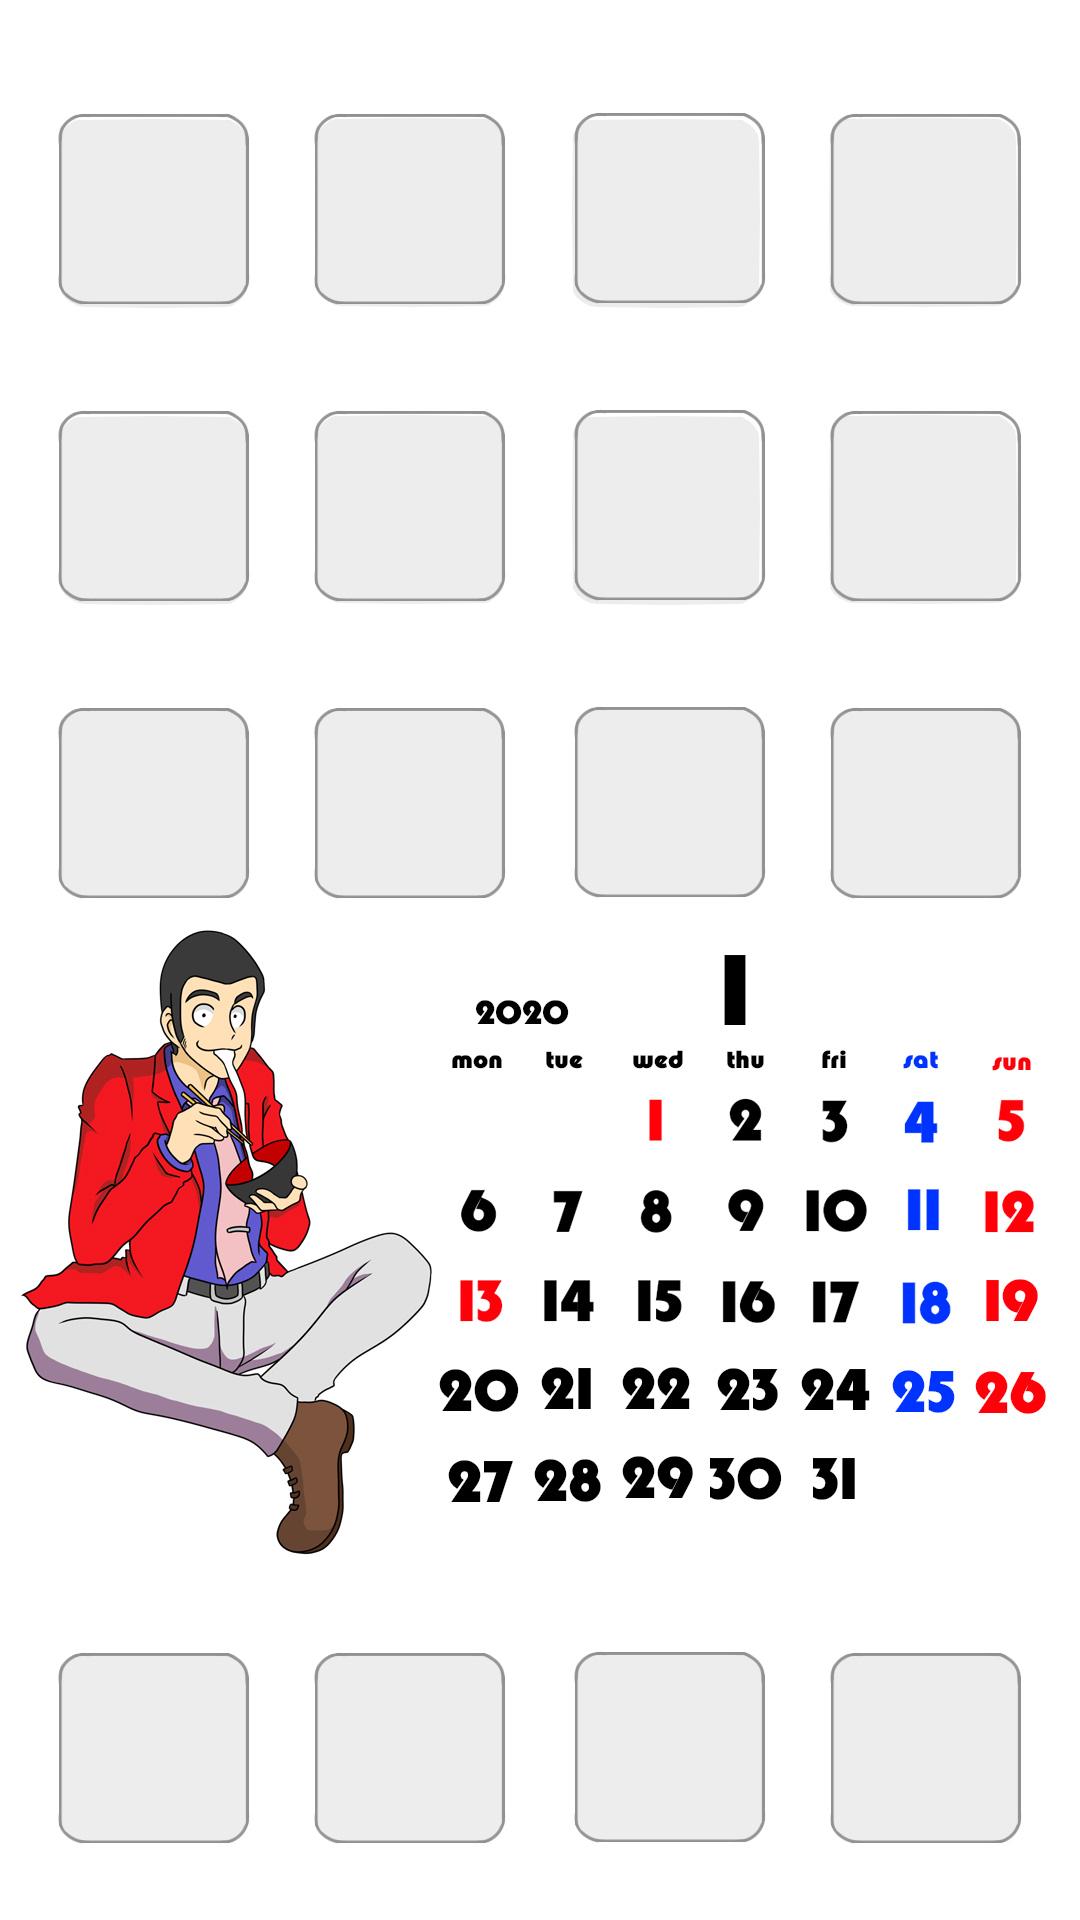 待ち受けカレンダー スマホ壁紙 ルパン三世 iPhone用 月曜始まり